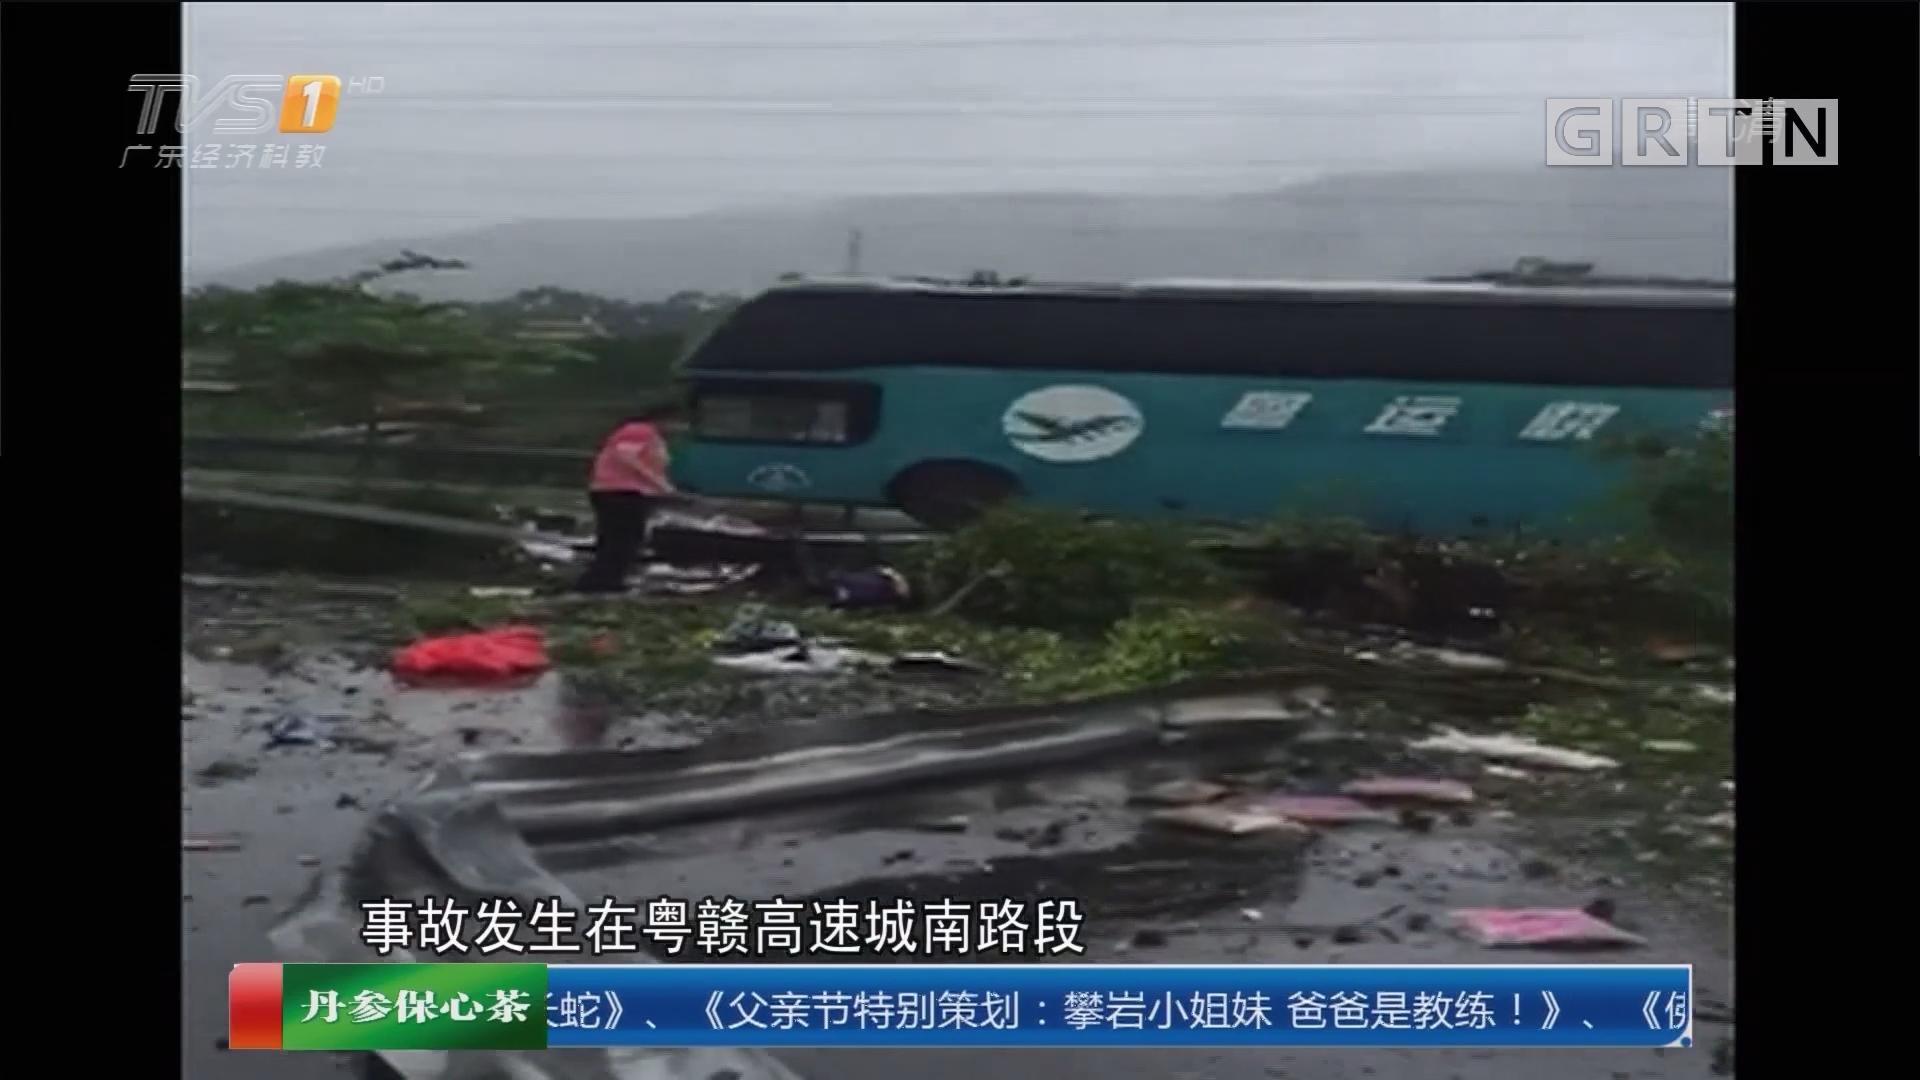 关注交通安全:粤赣高速 高速路多车相撞 三人身亡